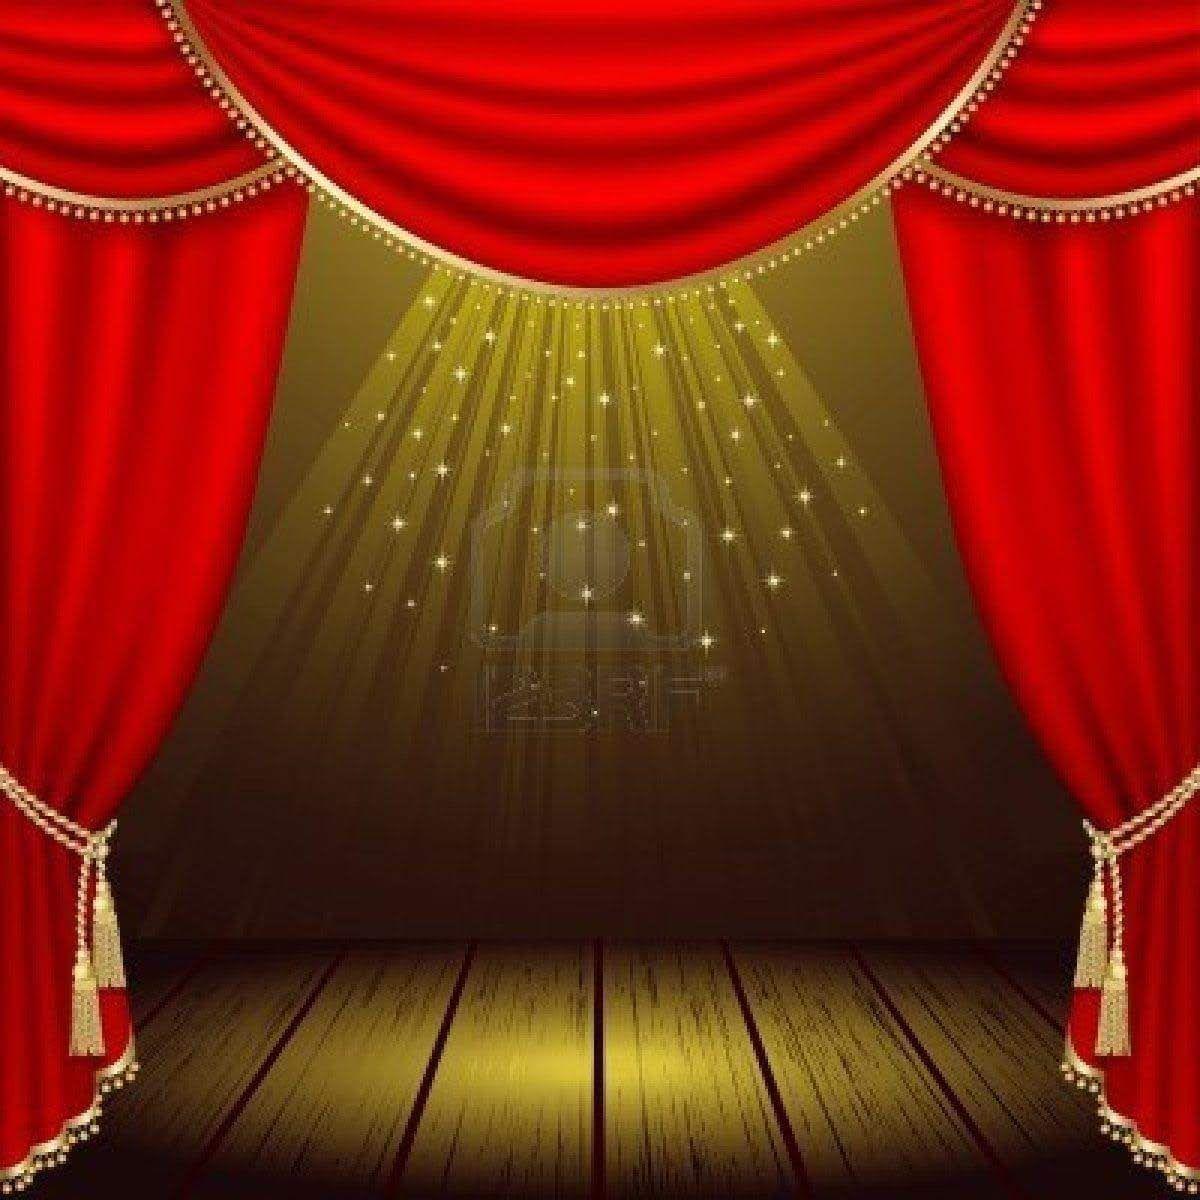 Pin de ashez1470 em blank em 2020 cortinas de palco